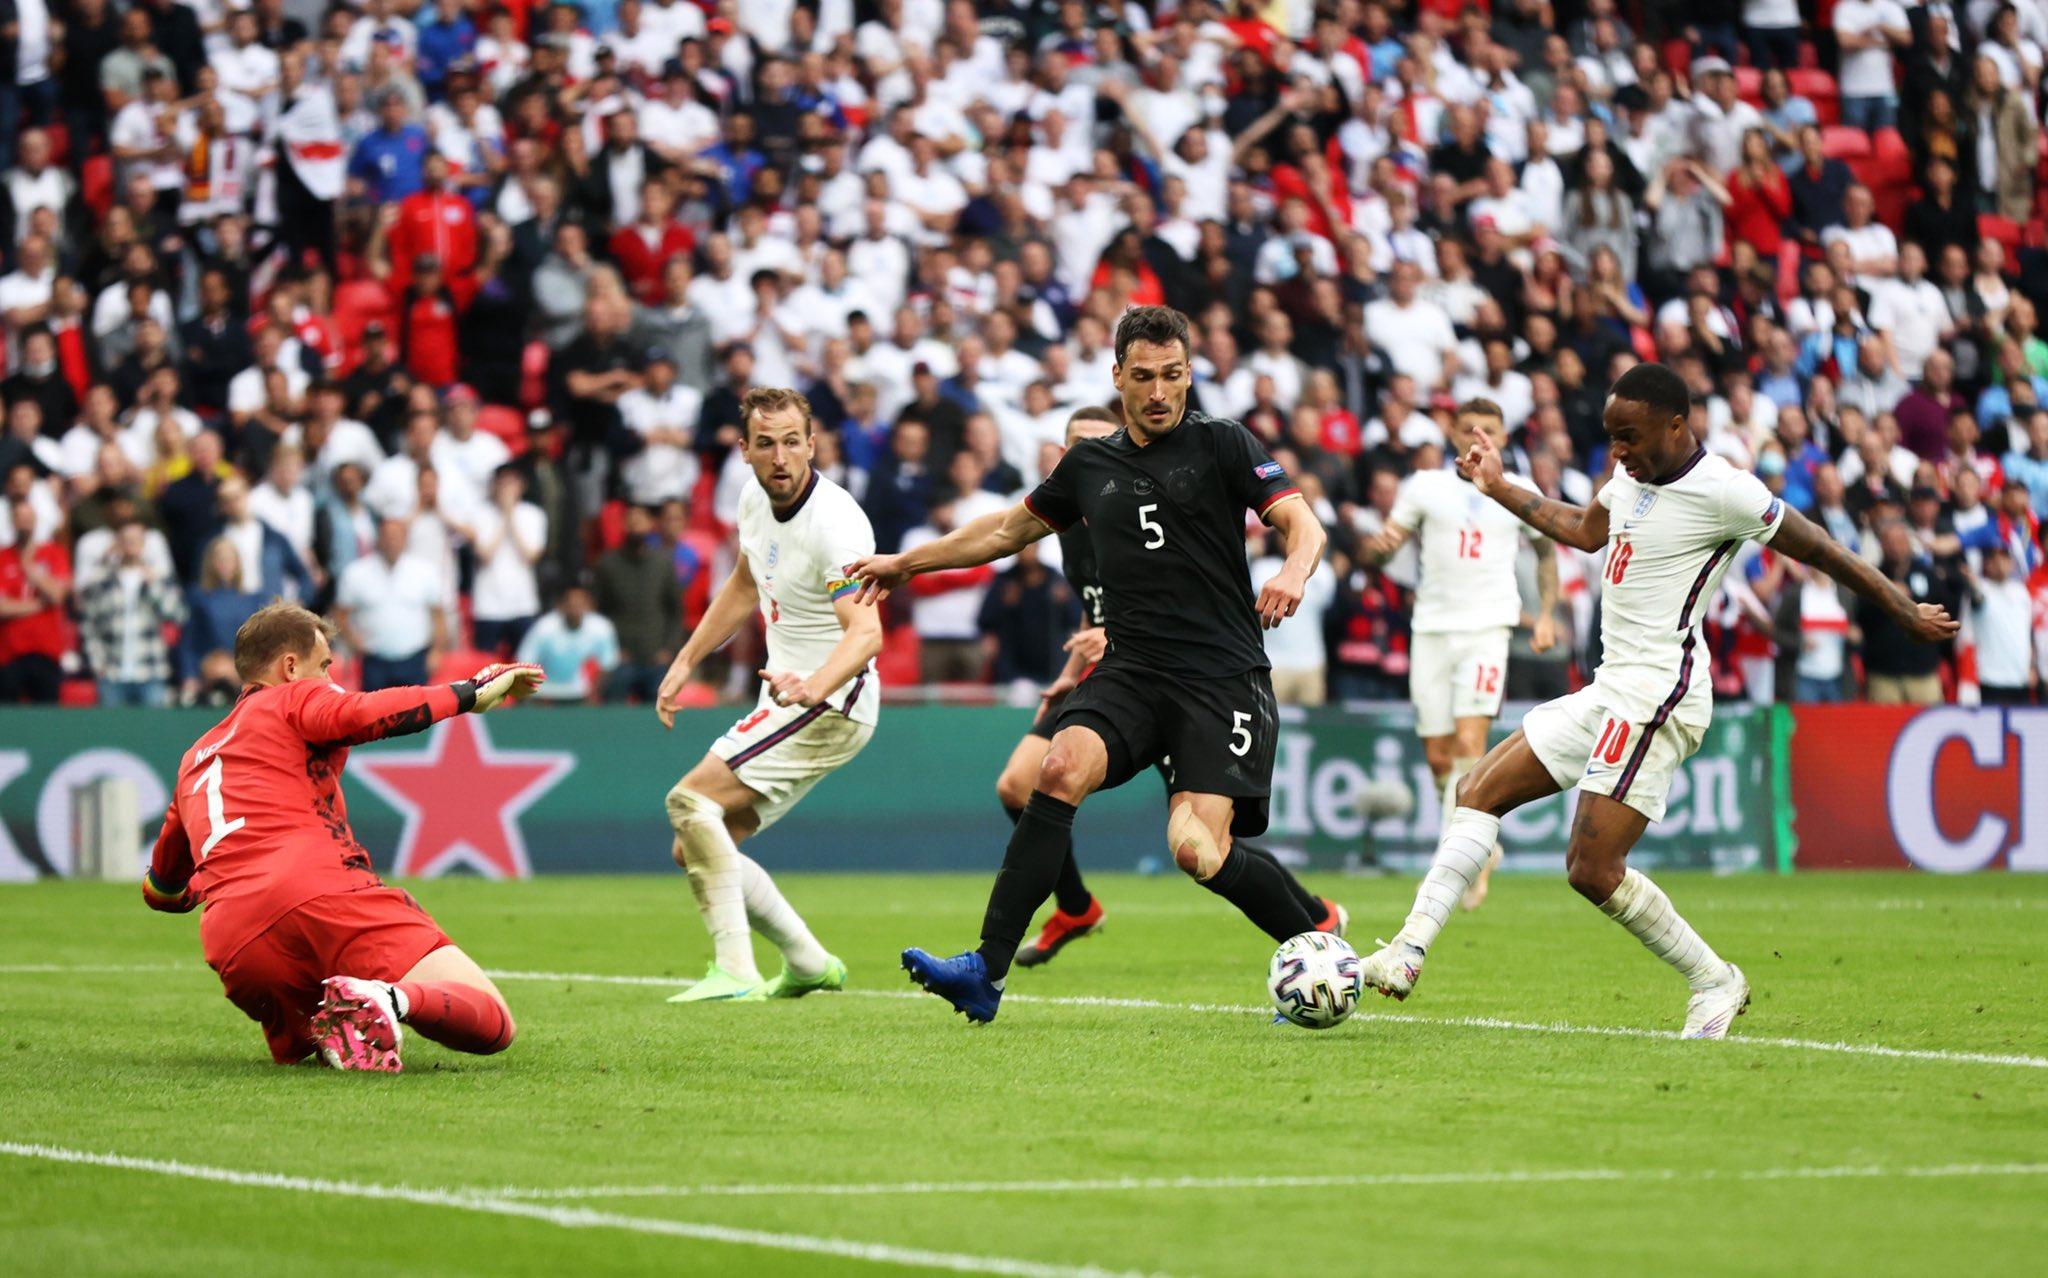 إنجلترا تتأهل وألمانيا تودع بطولة اليورو في مباراة مجنونة ومثيرة (شاهد)